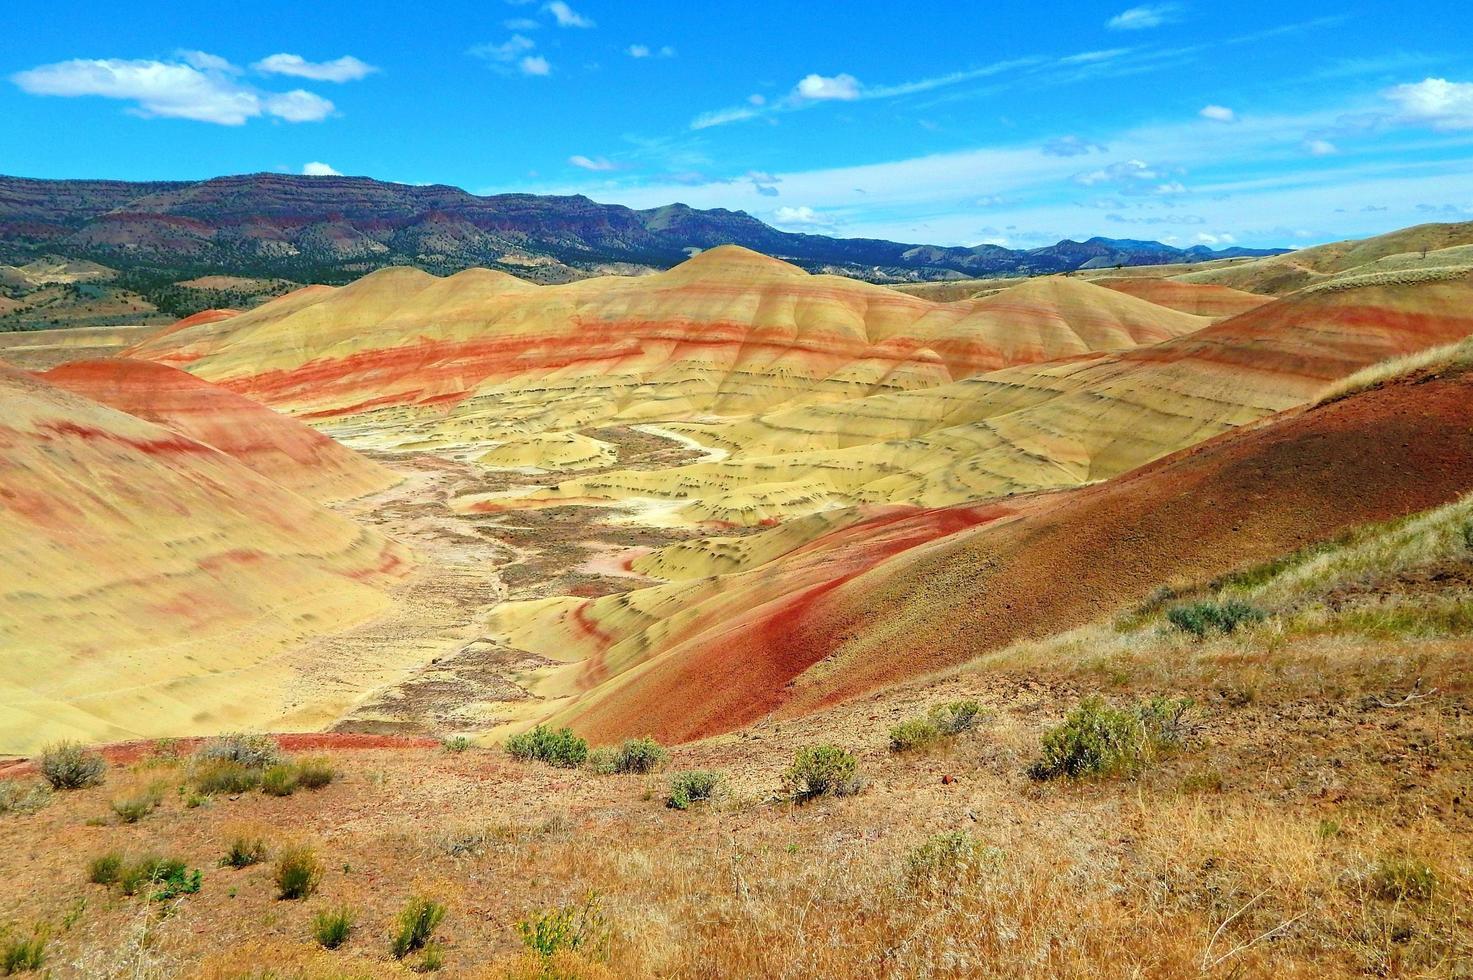 colori del deserto - colline dipinte - monumento nazionale dei letti fossili di john day - vicino a mitchell, or foto